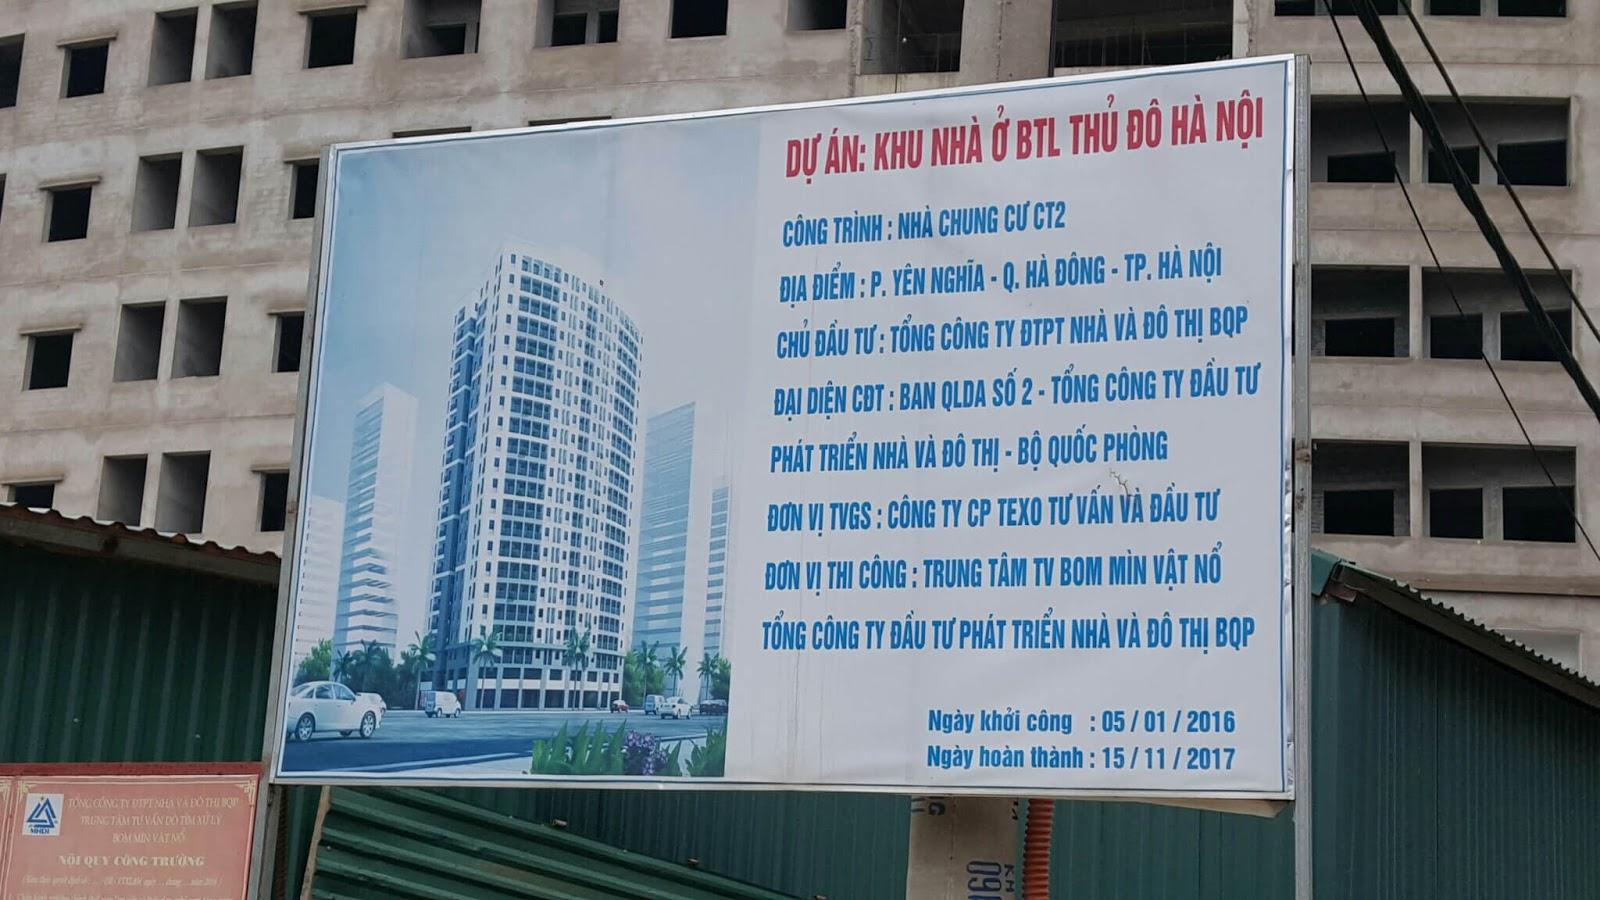 Chung cư CT4 Yên Nghĩa.